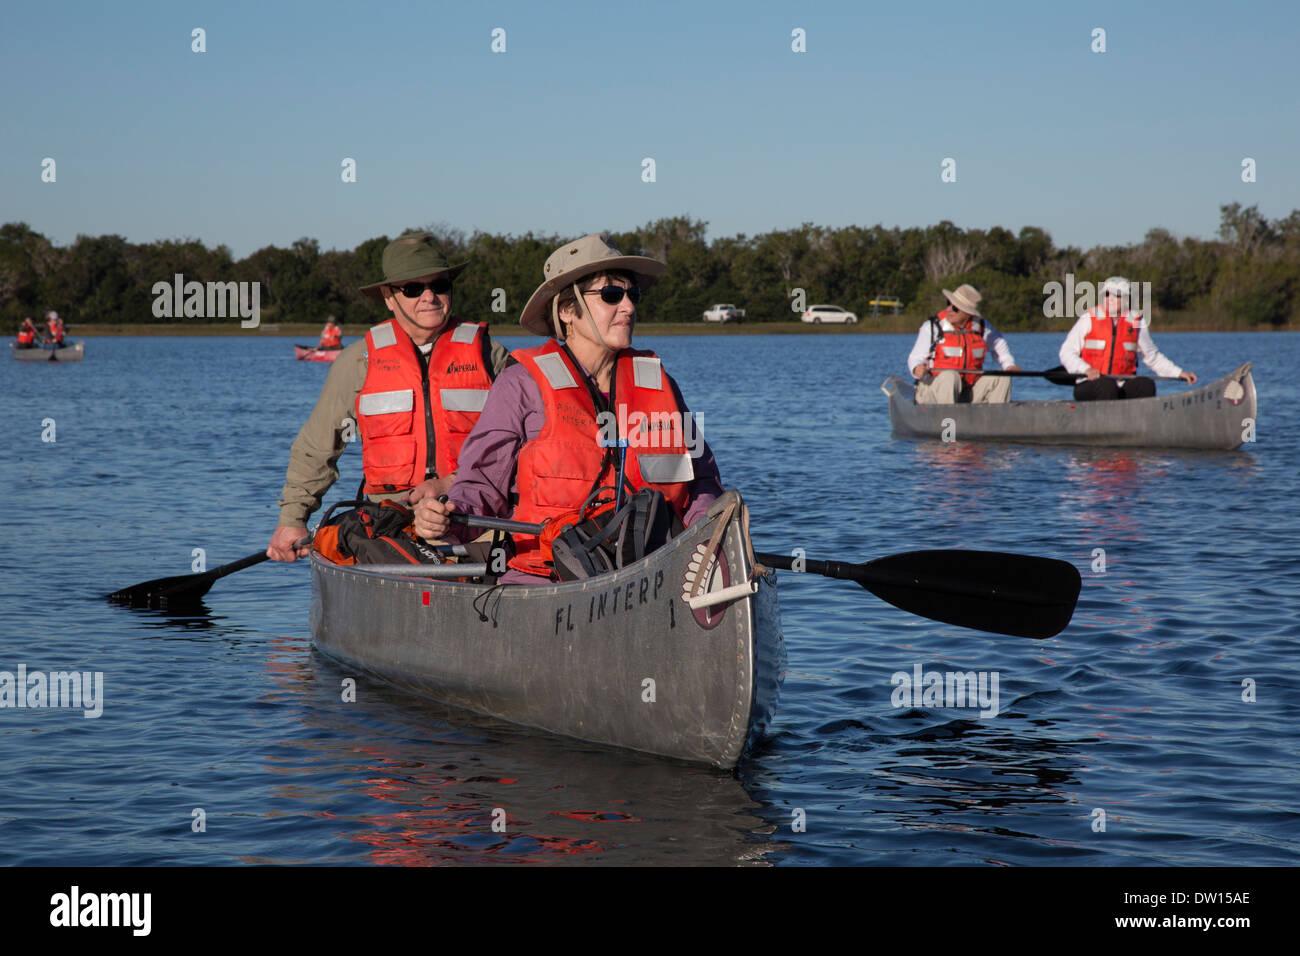 Le Parc National des Everglades, Floride - Pagaie canoë visiteurs dans un voyage mené par un ranger du Photo Stock